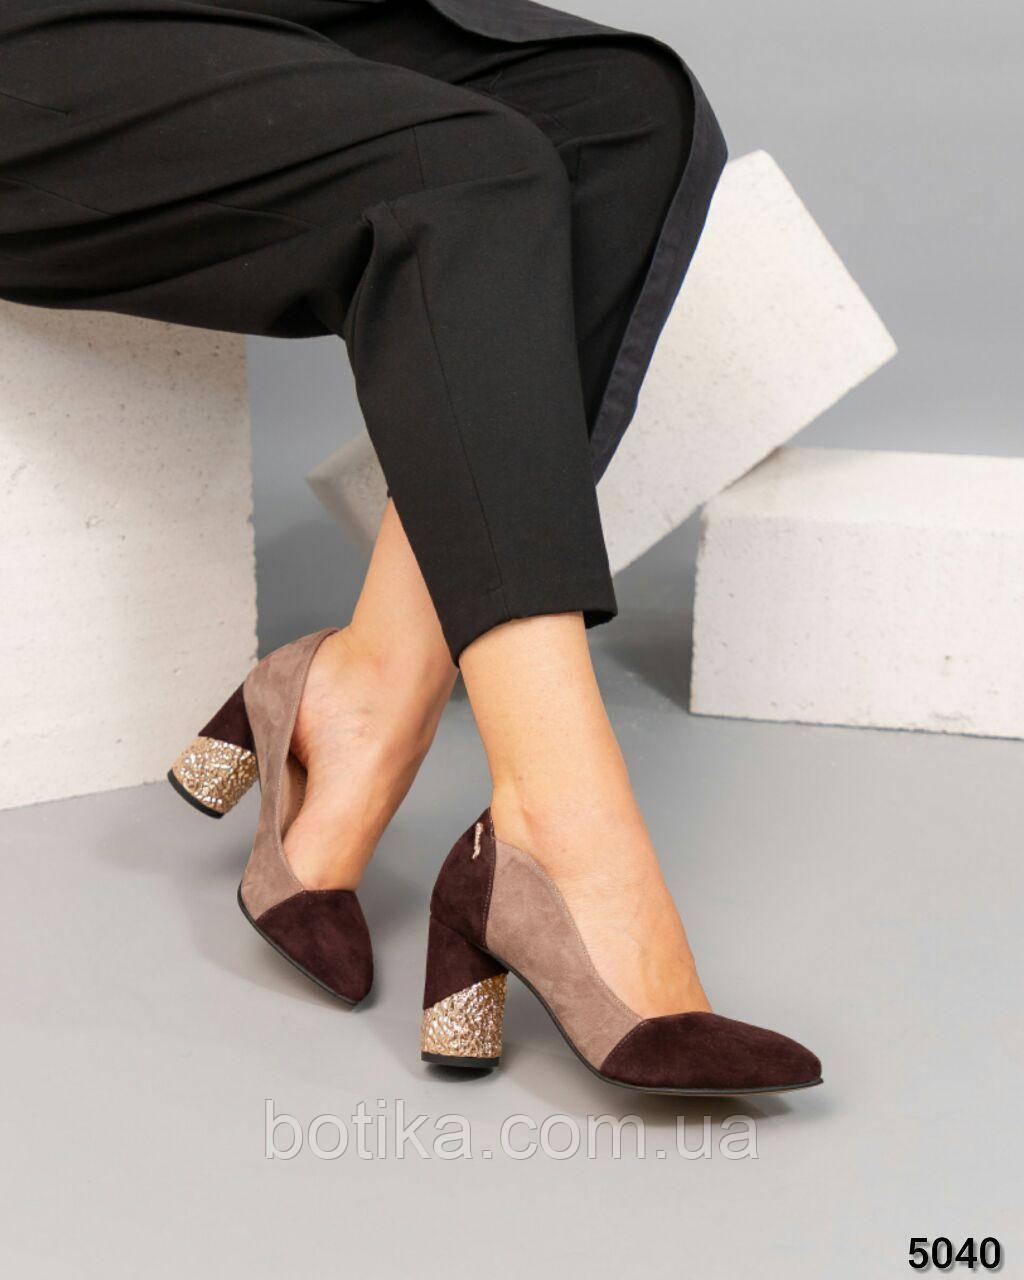 Шикарные женские туфли на каблуке из итальянской замши